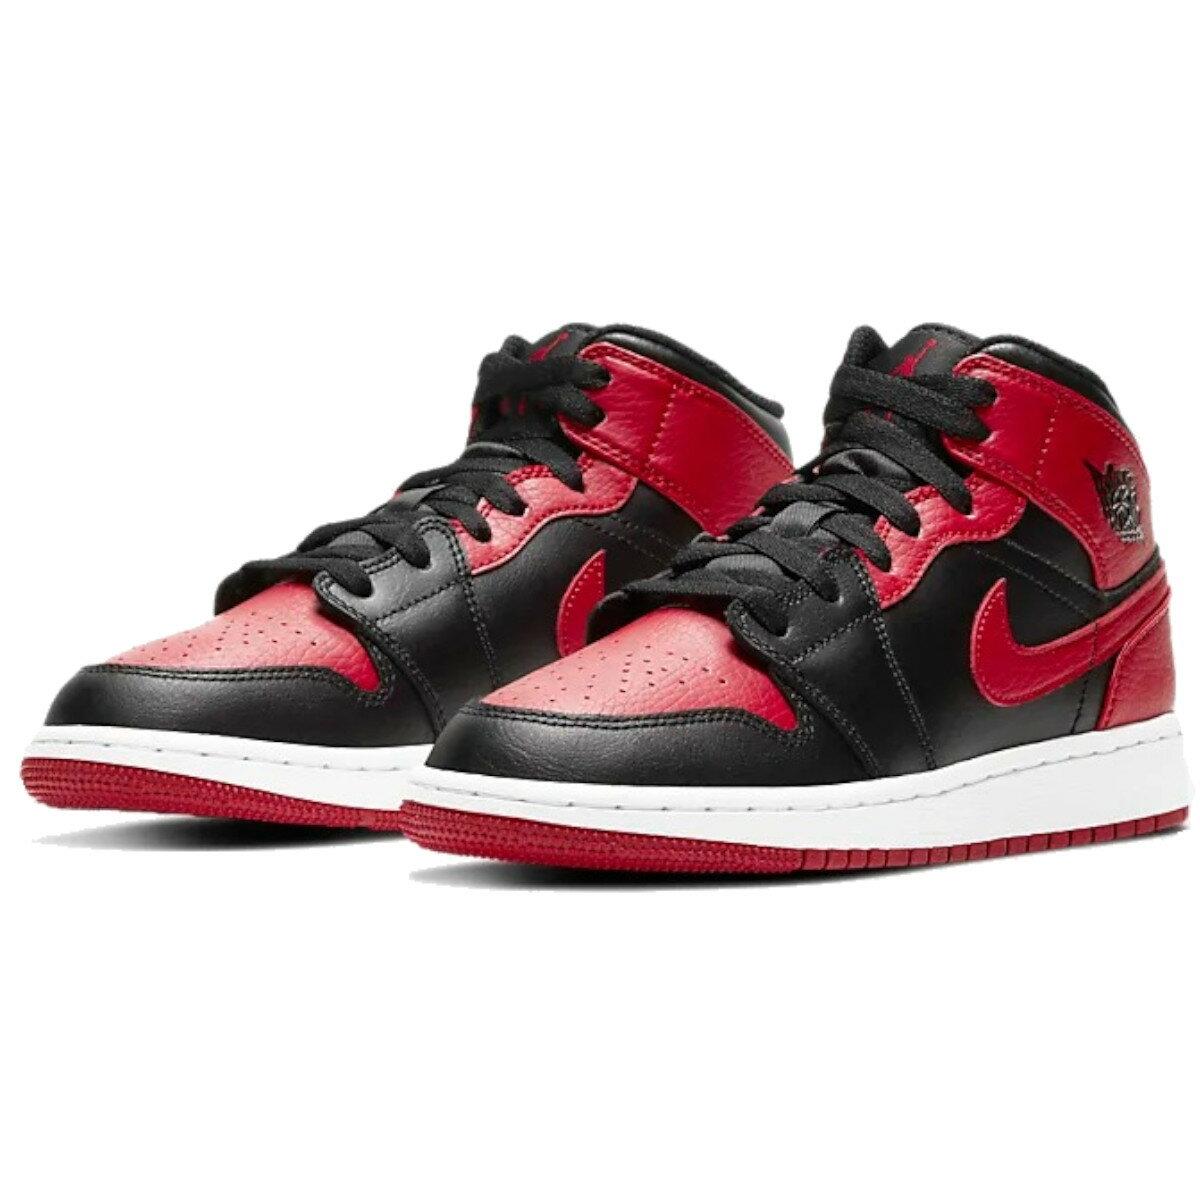 メンズ靴, スニーカー NIKE AIR JORDAN 1 MID GS BRED 1 GS 554725-074